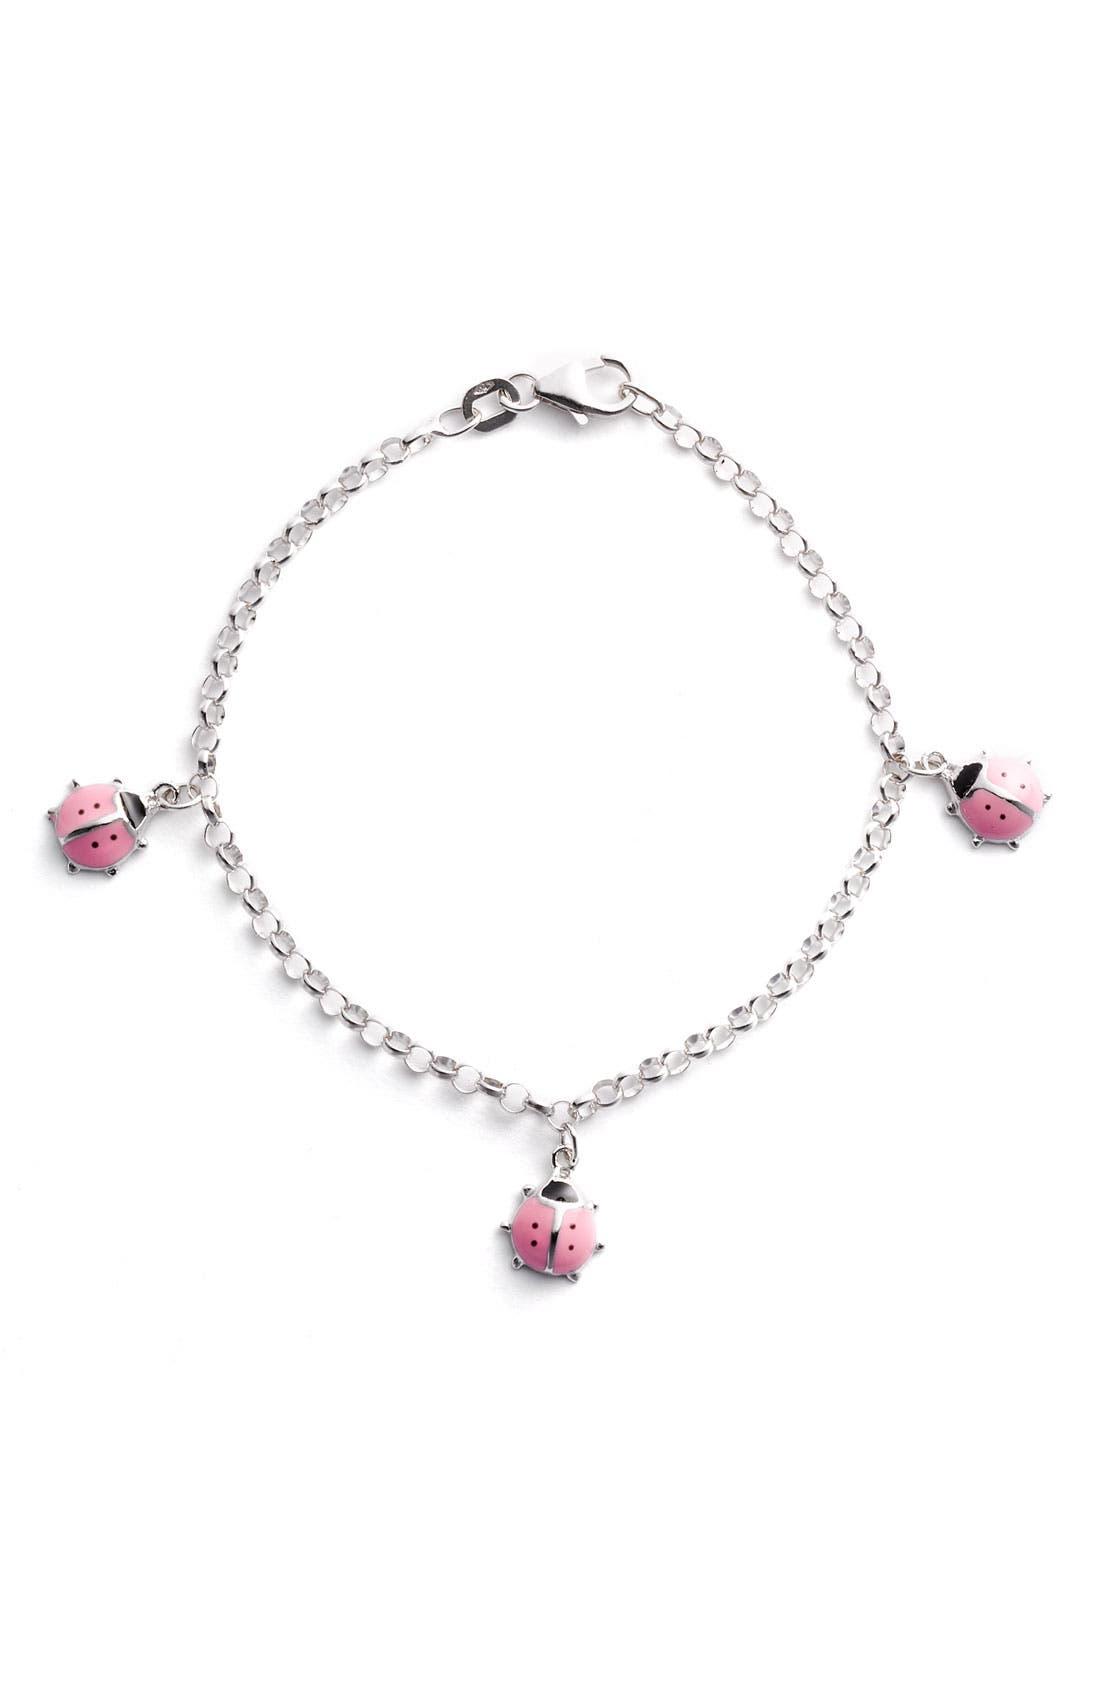 Main Image - Marathon Ladybug Charm Bracelet (Infant)